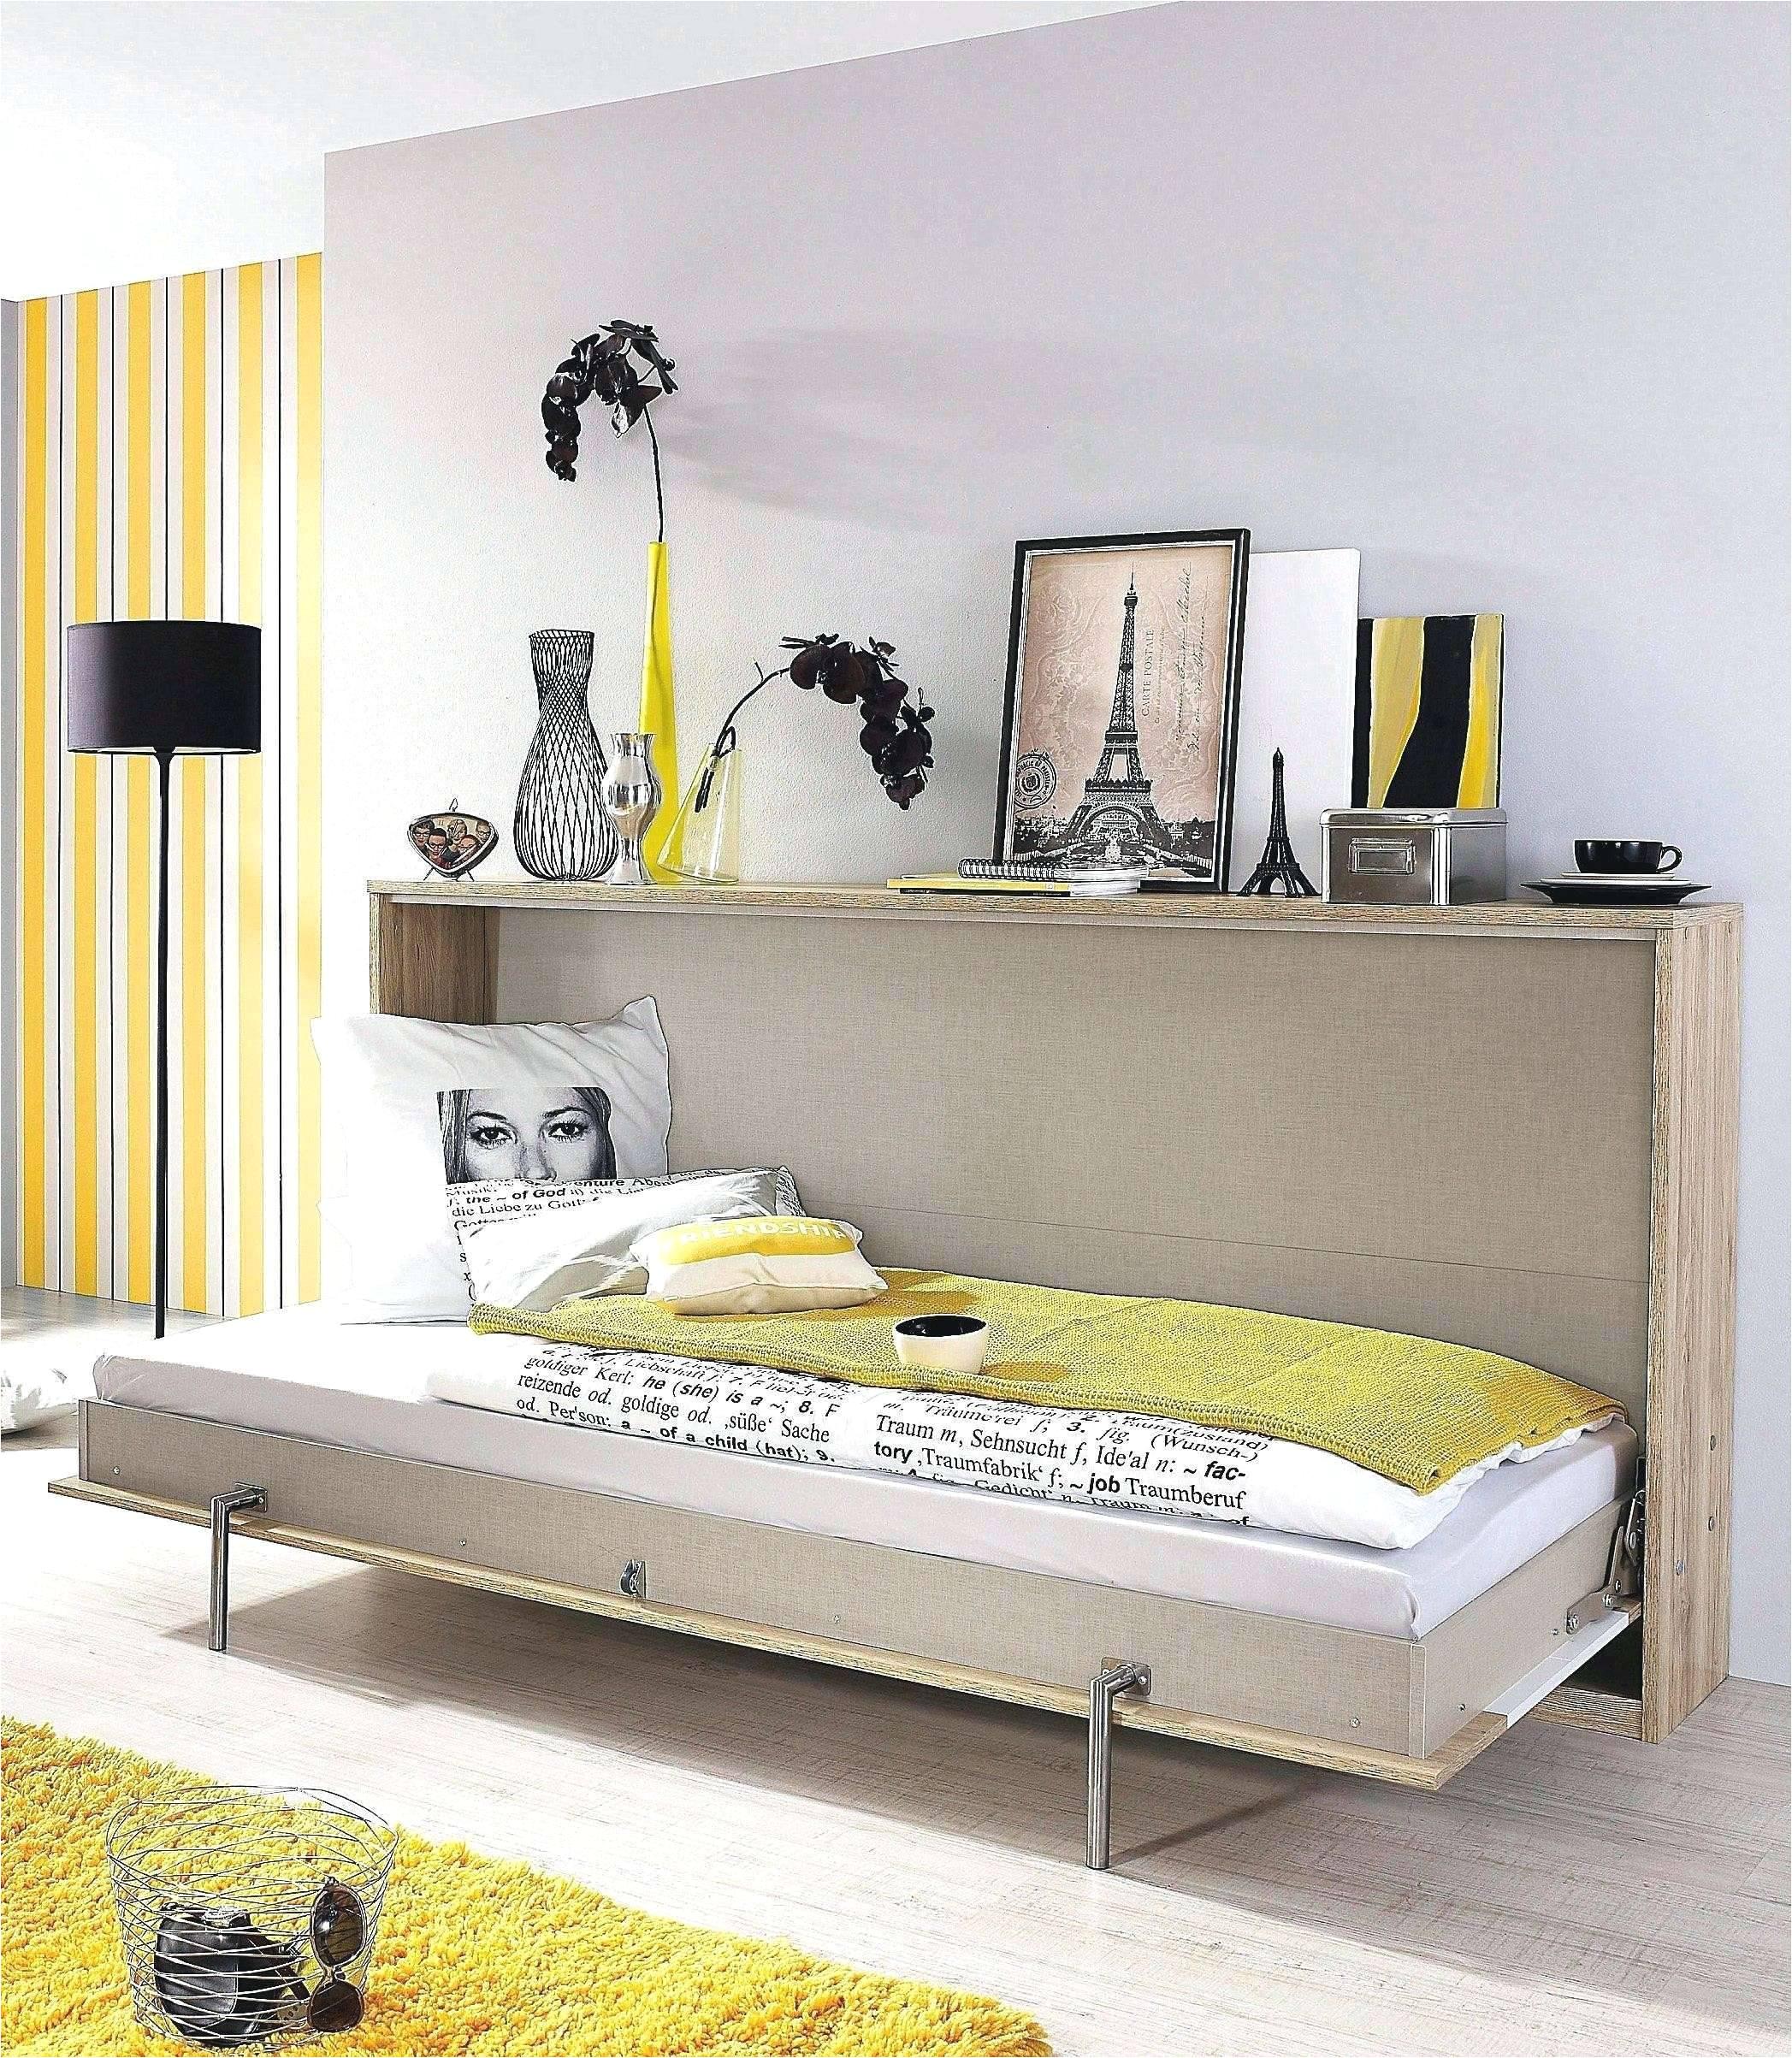 cadre de lit blanc ikea cadre de lit trysil jugendbett 160x200